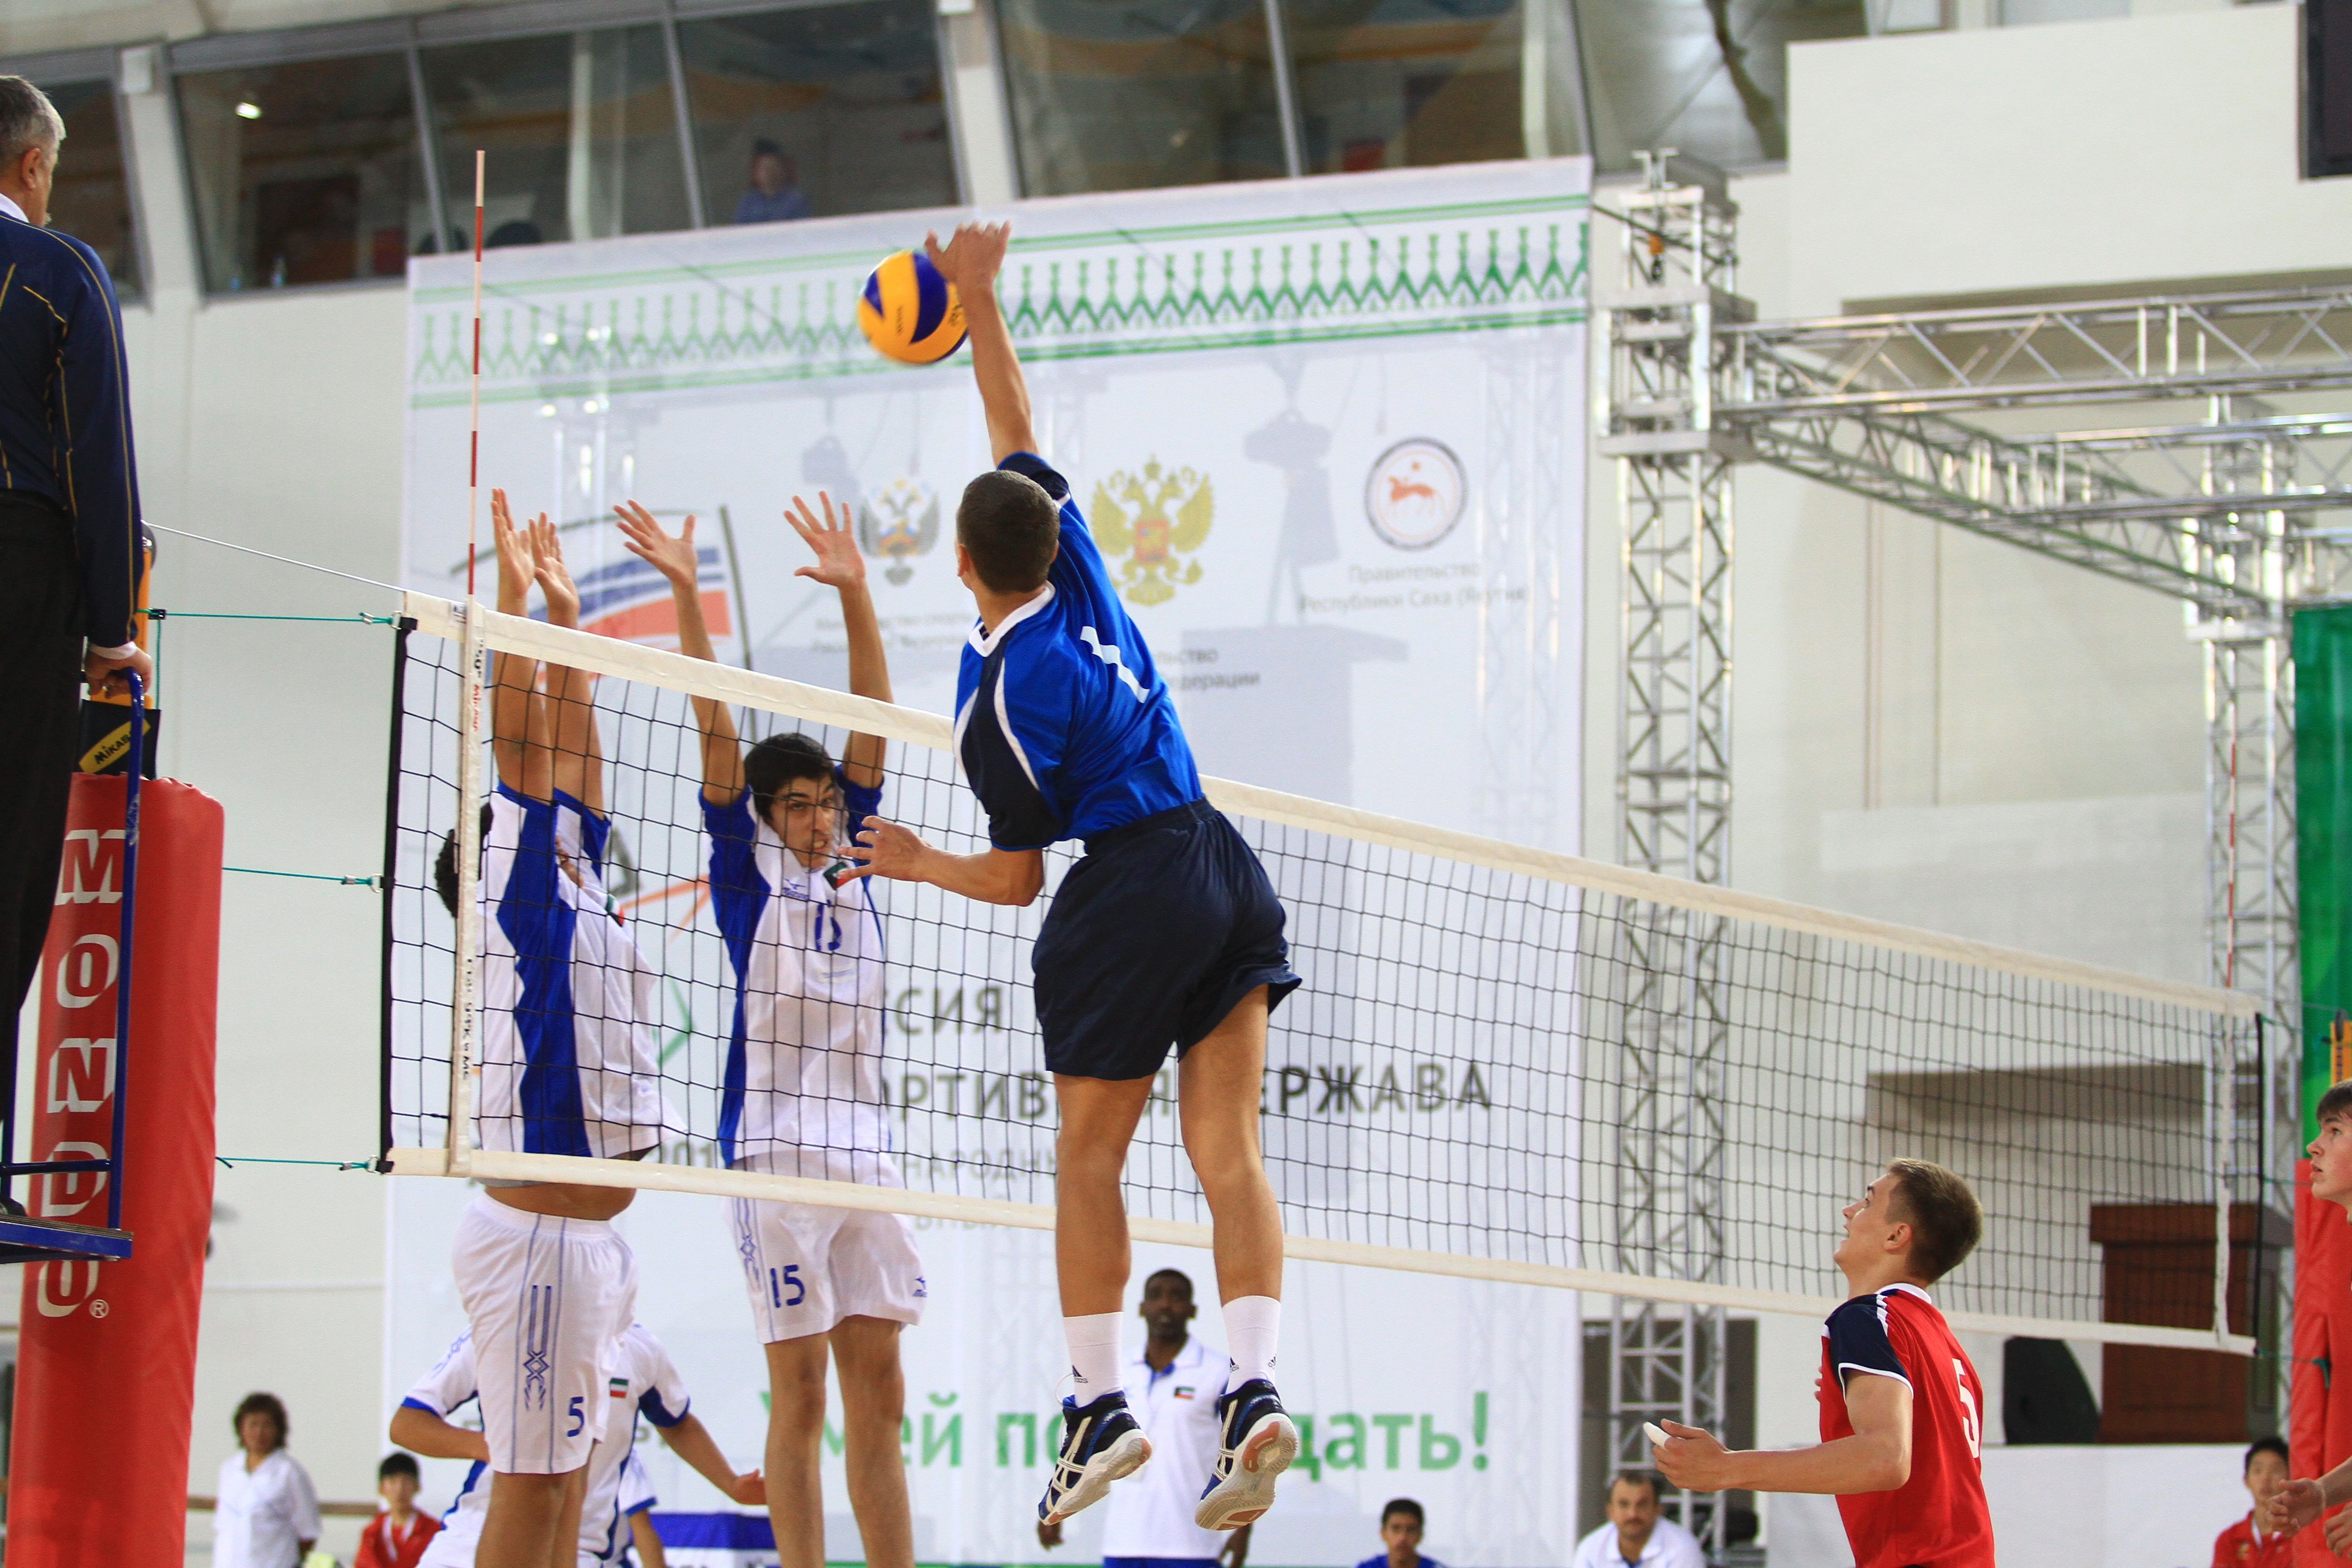 Уральские волейболисты разгромили Кувейт на V Олимпийских играх